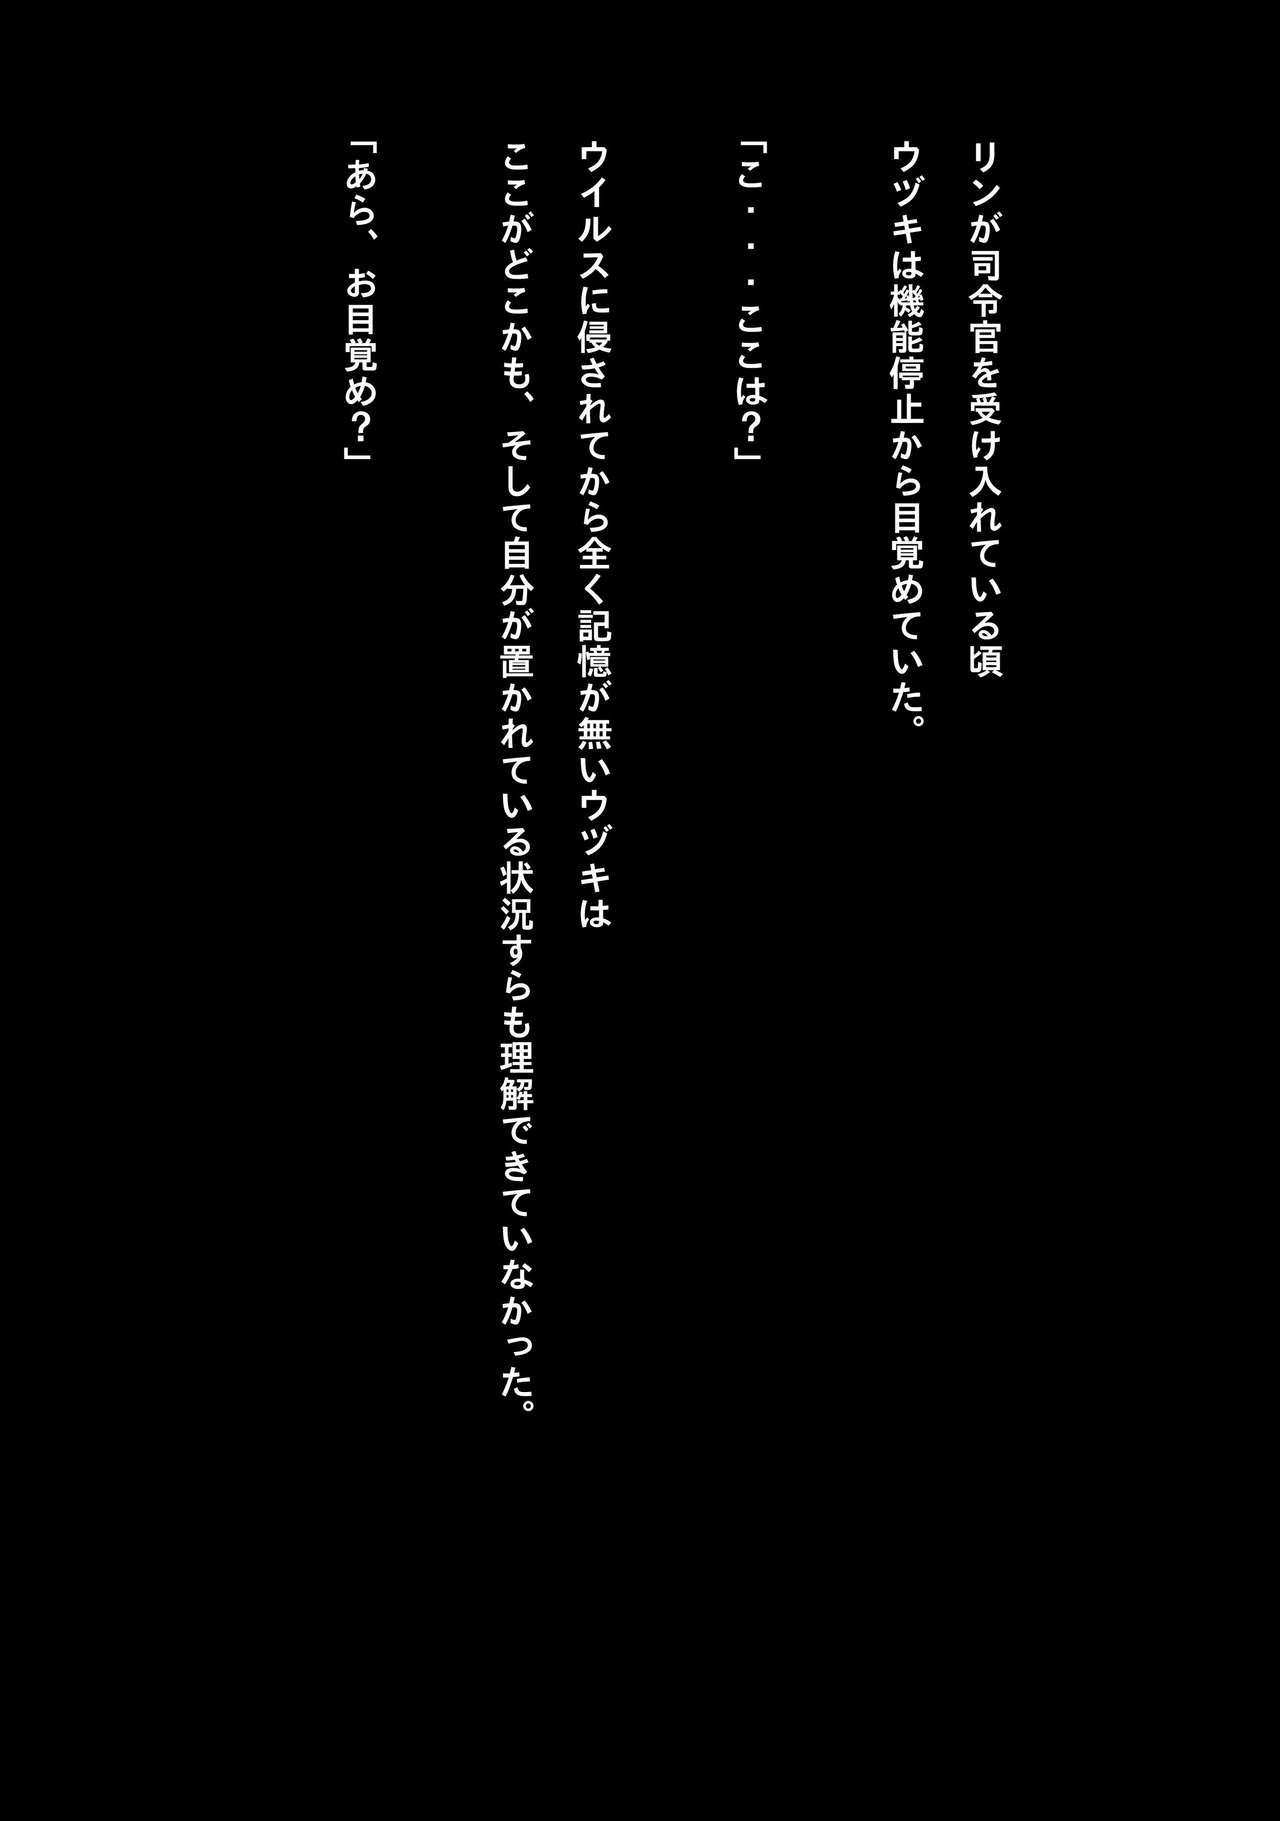 Idol Cyber Battle NEO GENERATOR episode 3 Seisan! Shi o kakugo shita shunkan 56